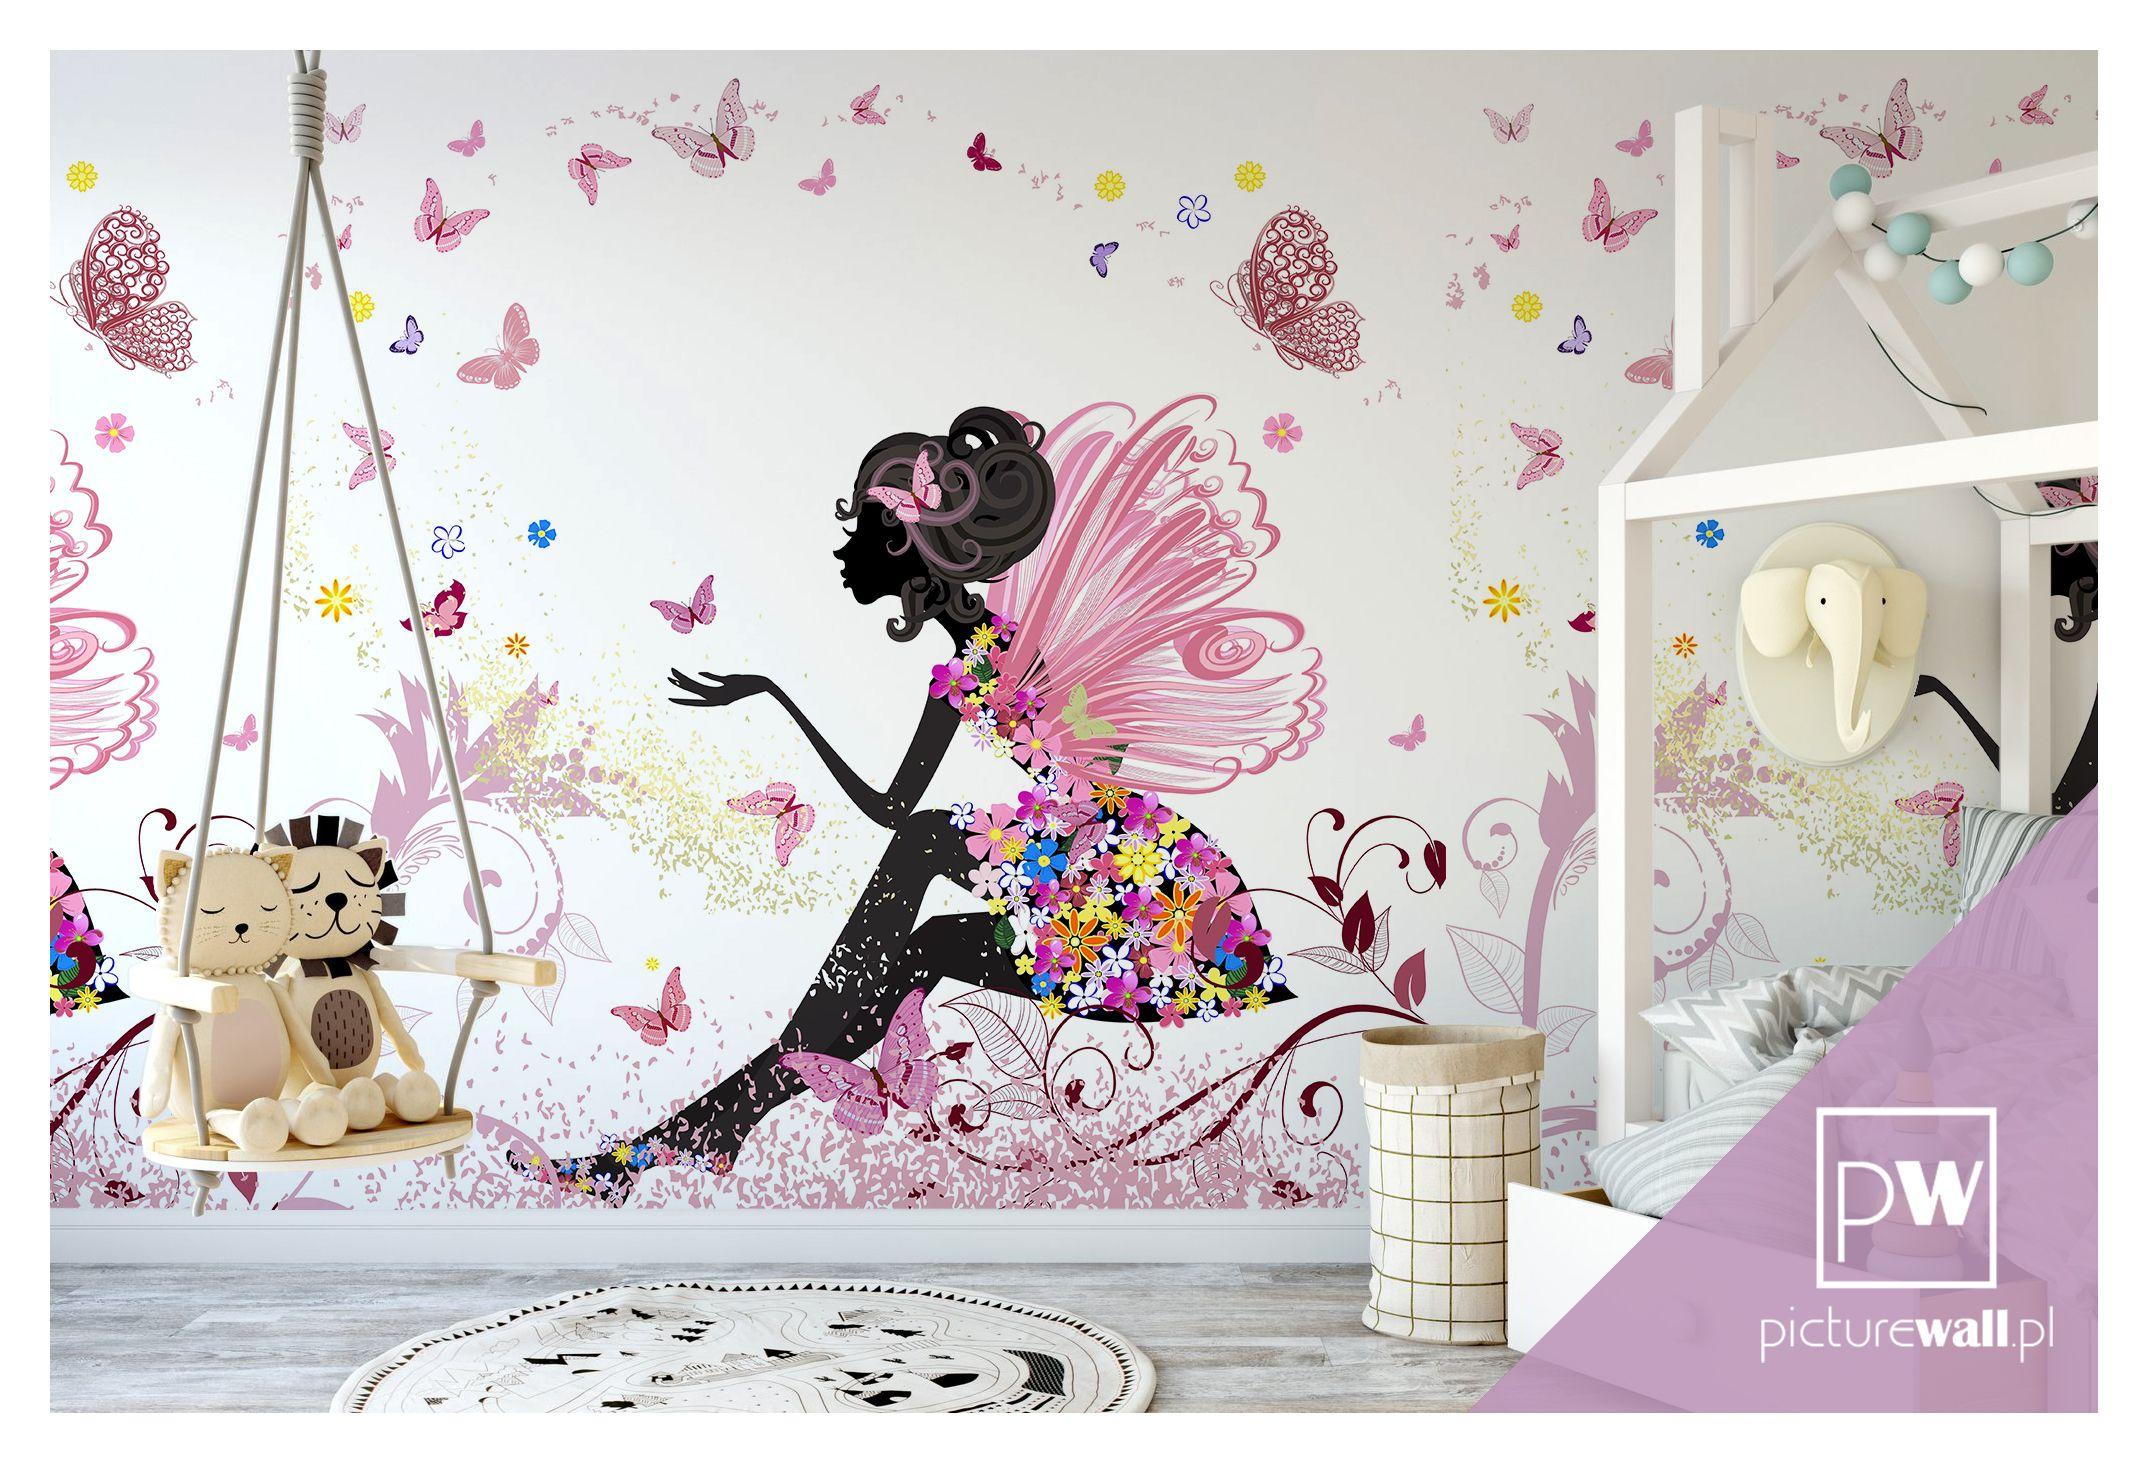 Fototapety Dla Dziewczynki Girls Bedroom Home Decor Decals Flower Fairy